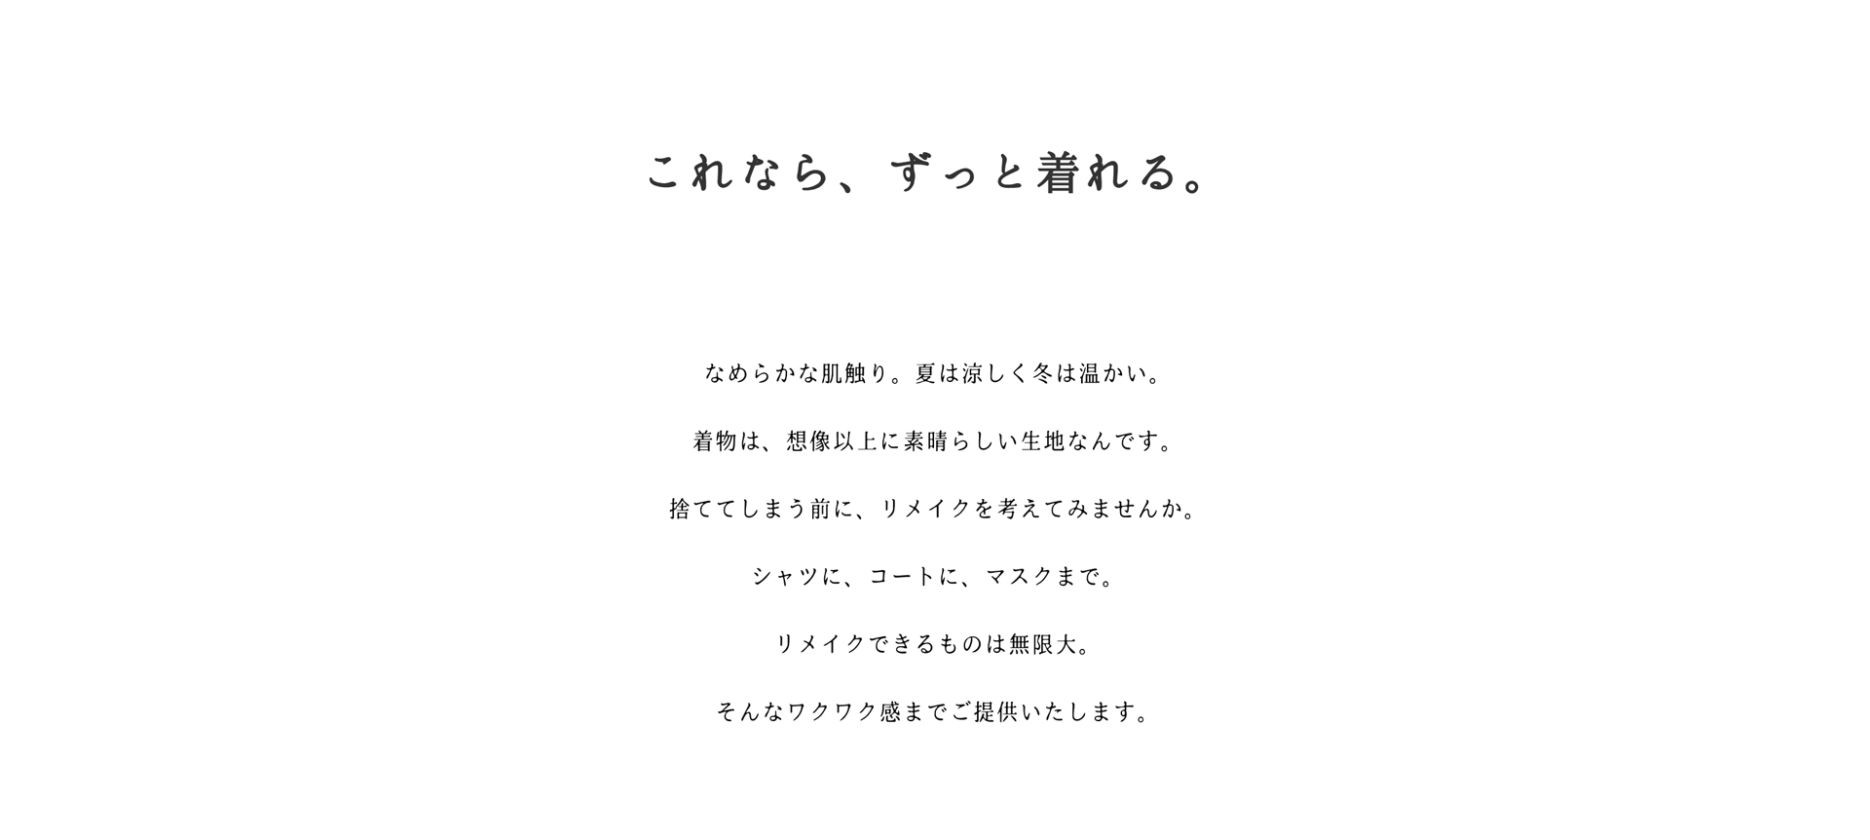 nojifu-3